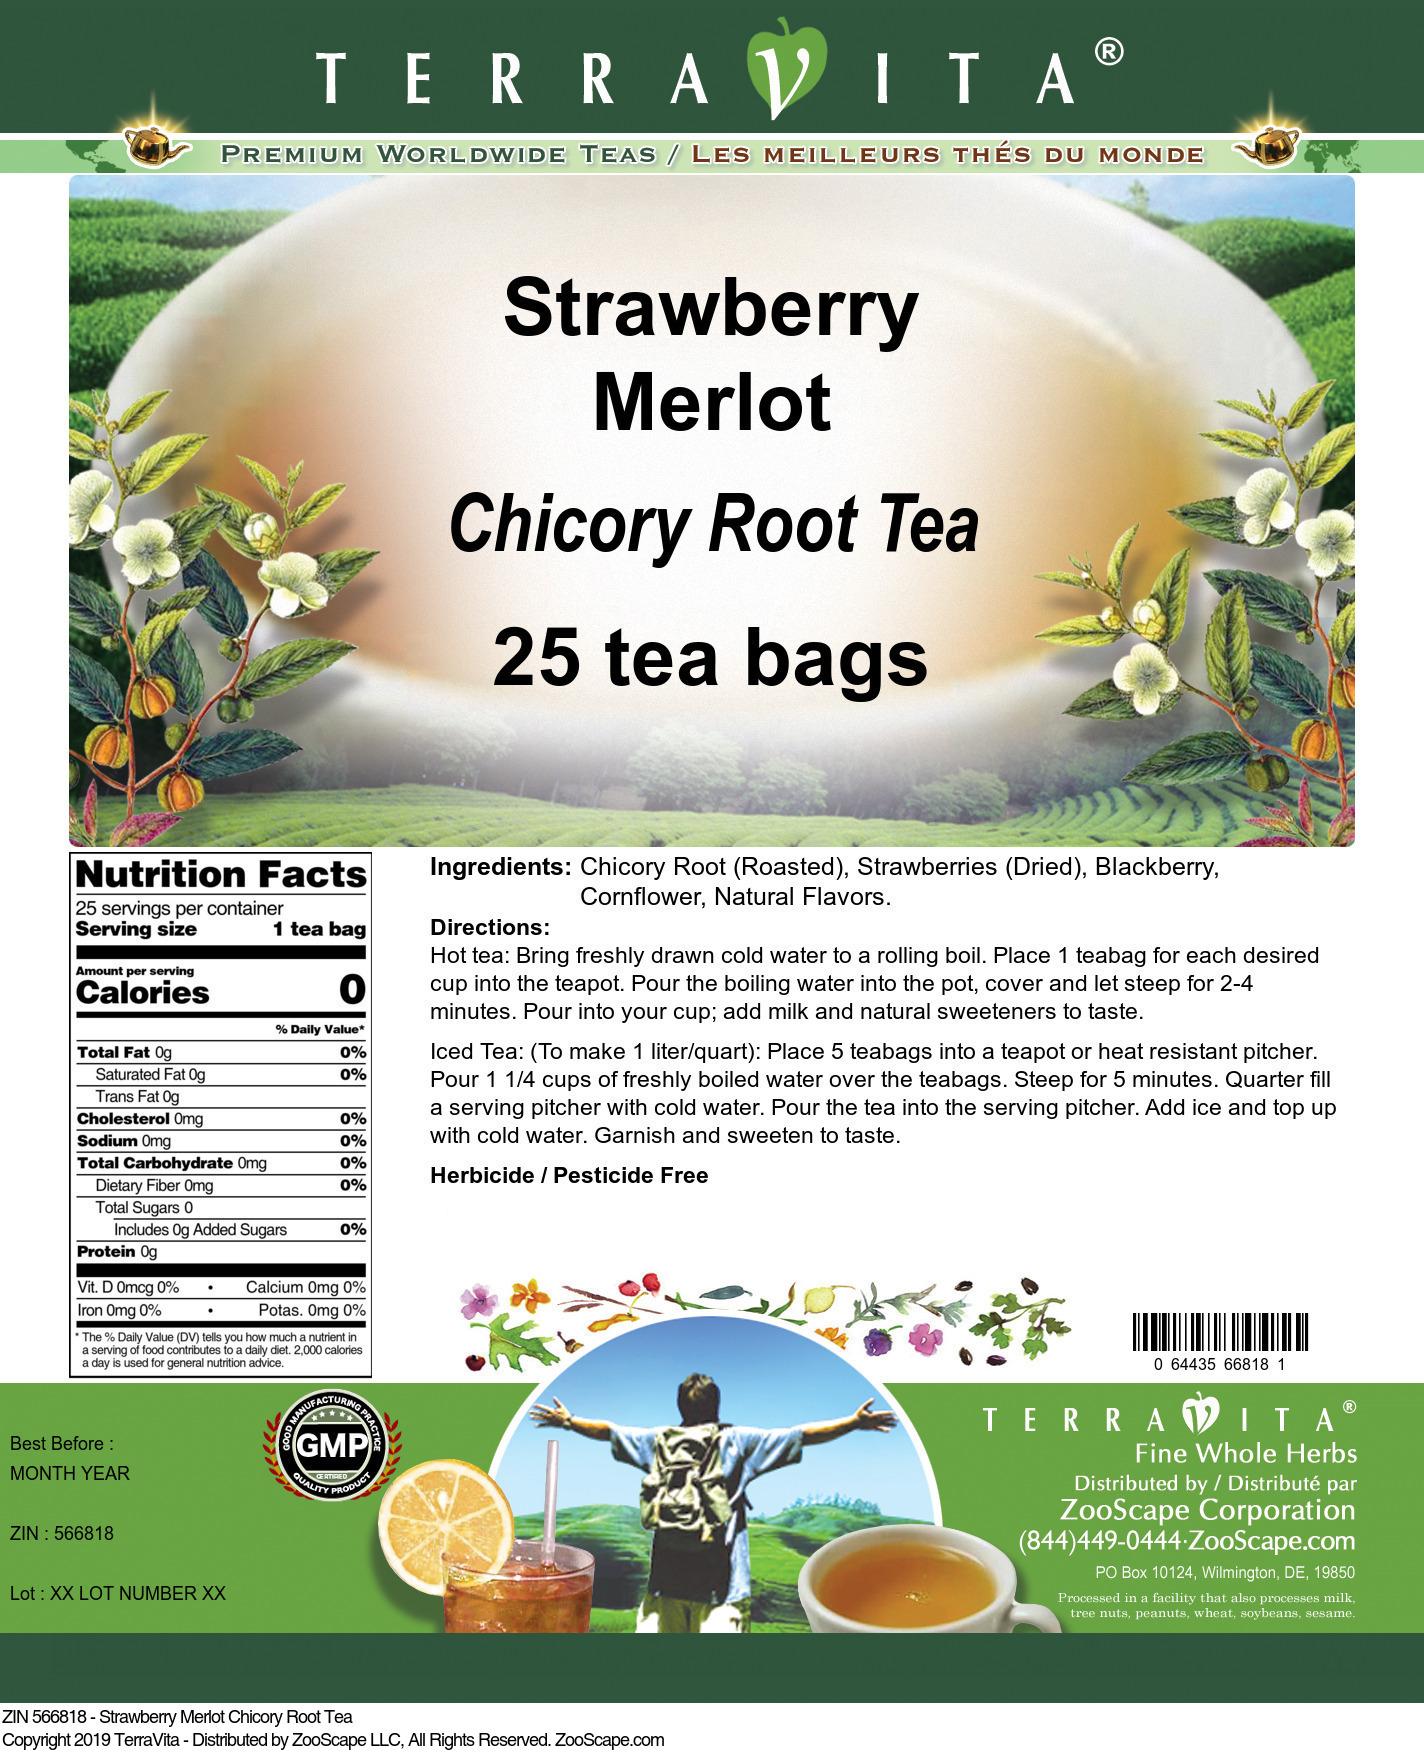 Strawberry Merlot Chicory Root Tea